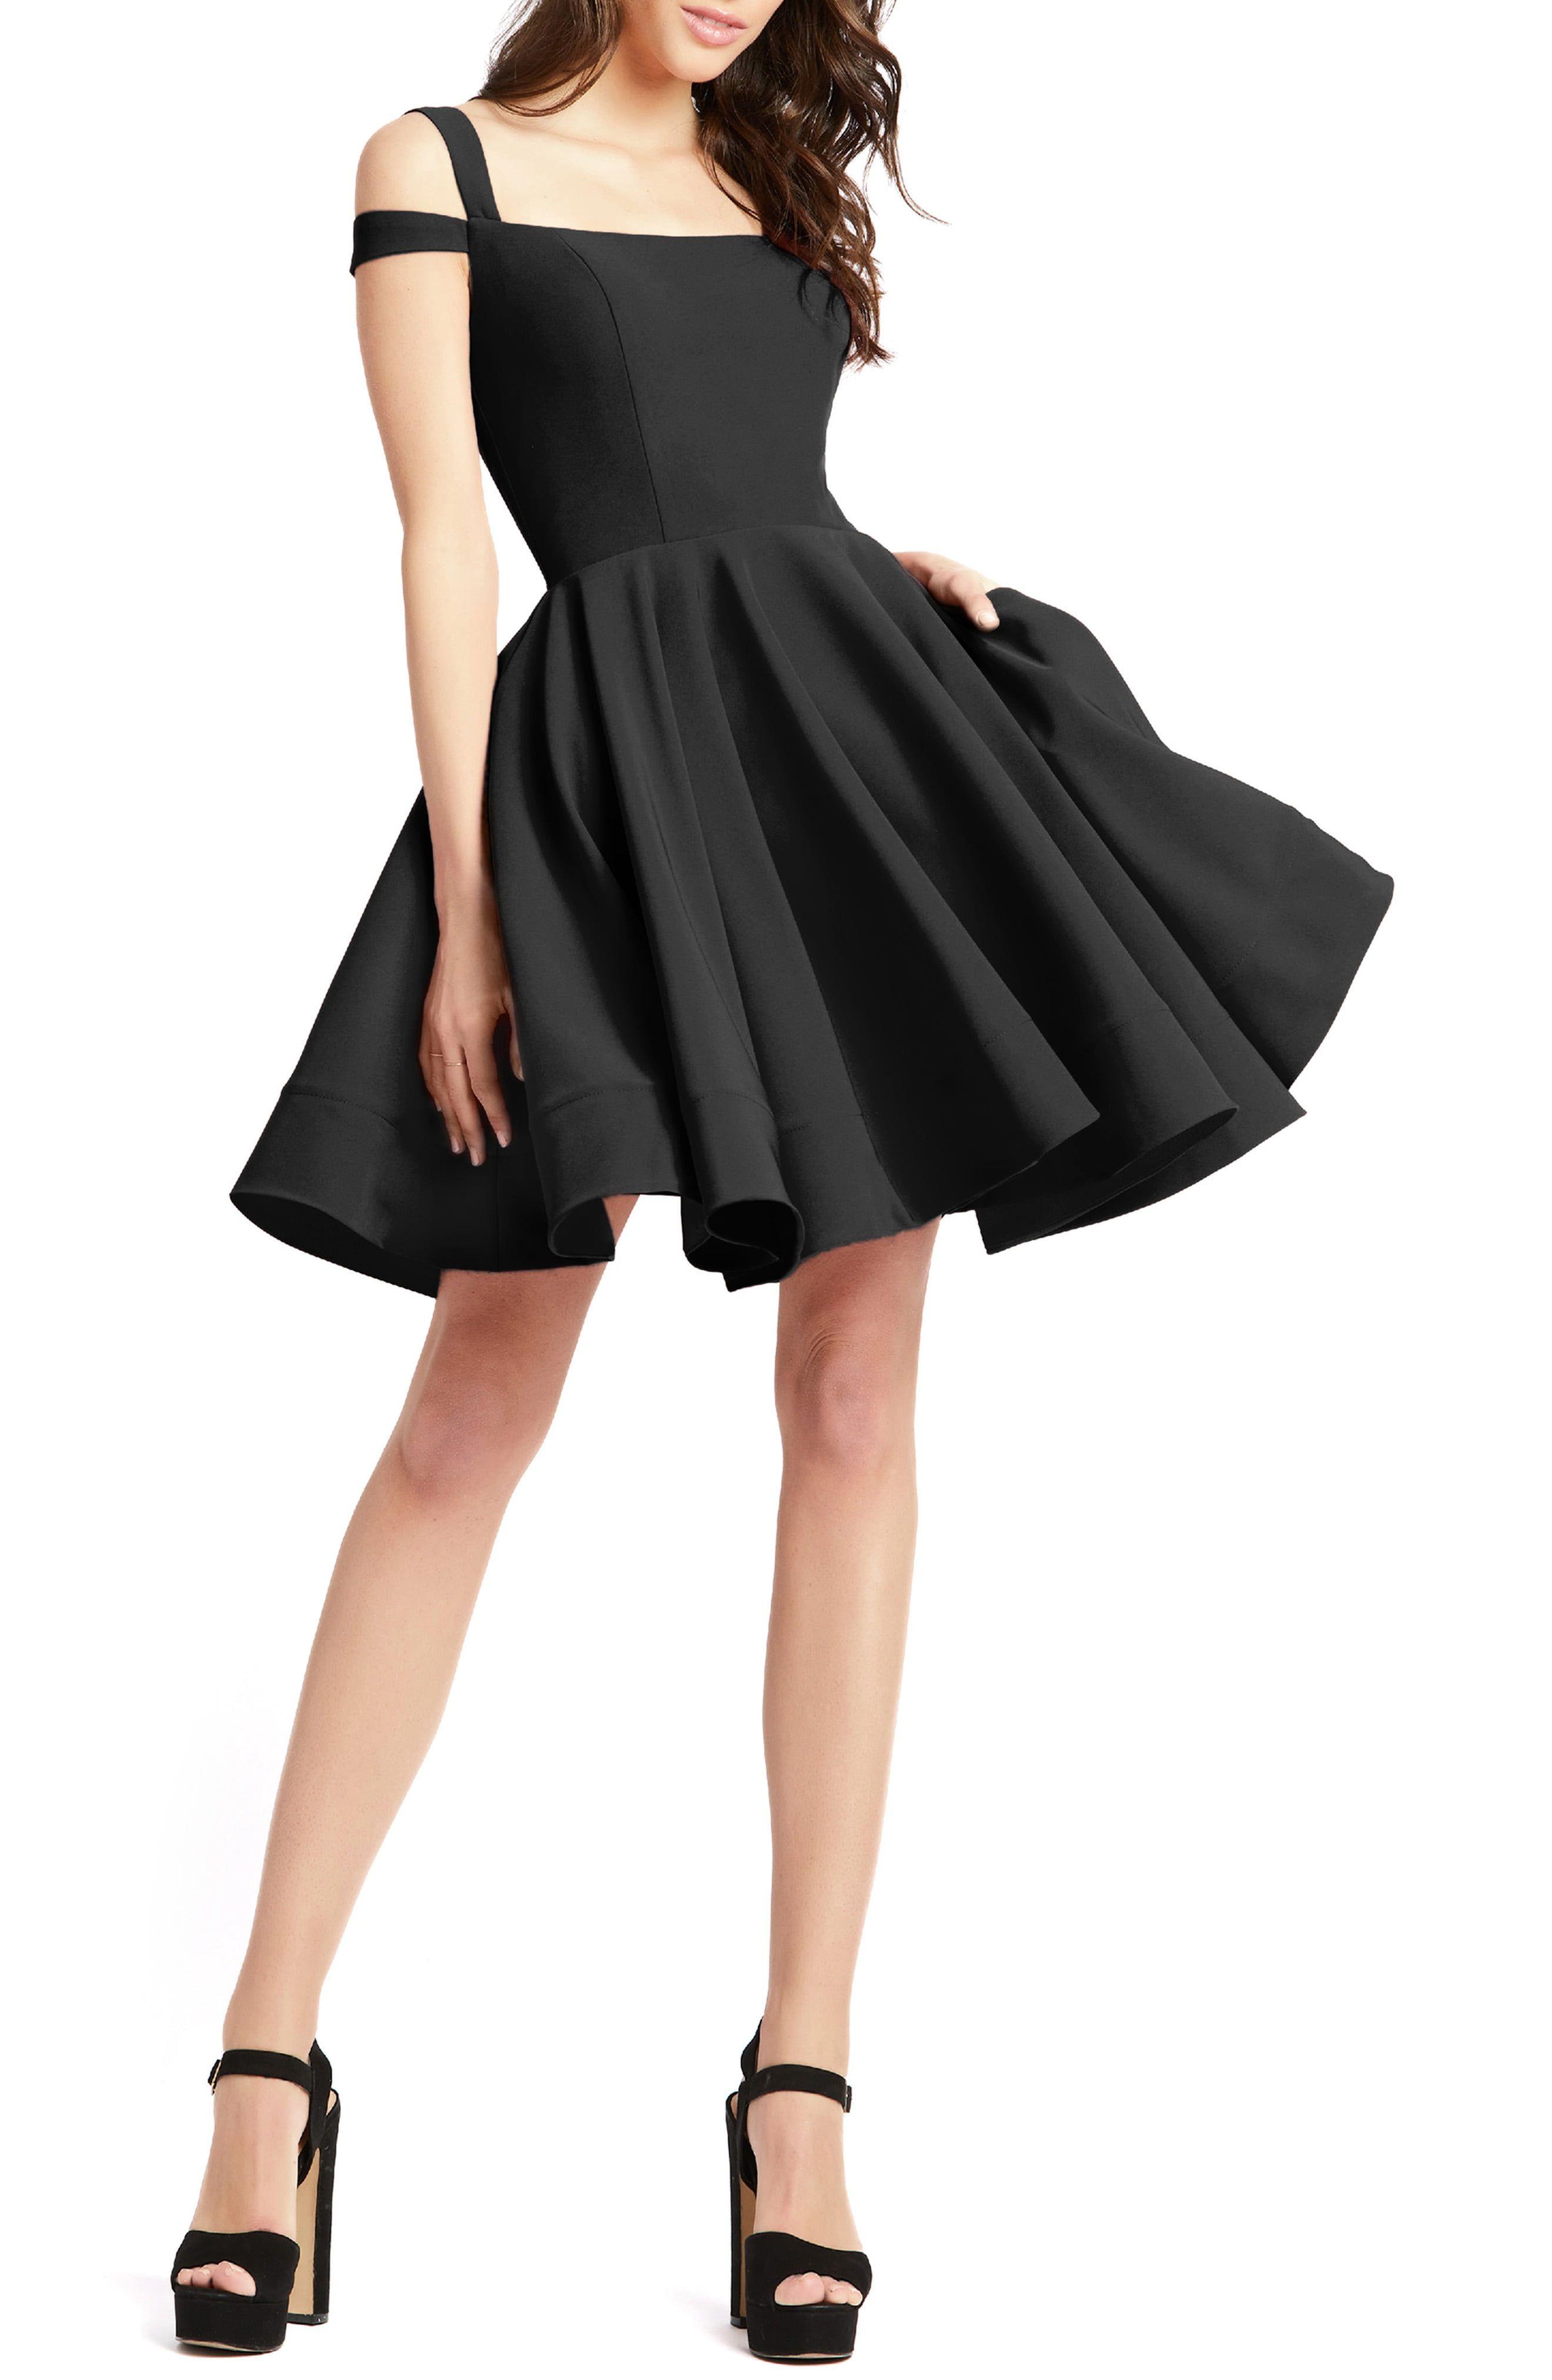 Mac Duggal Cold Shoulder Cocktail Dress Nordstrom In 2021 Short Black Cocktail Dress Short Black Bridesmaid Dresses Flared Skirt Dress [ 4048 x 2640 Pixel ]